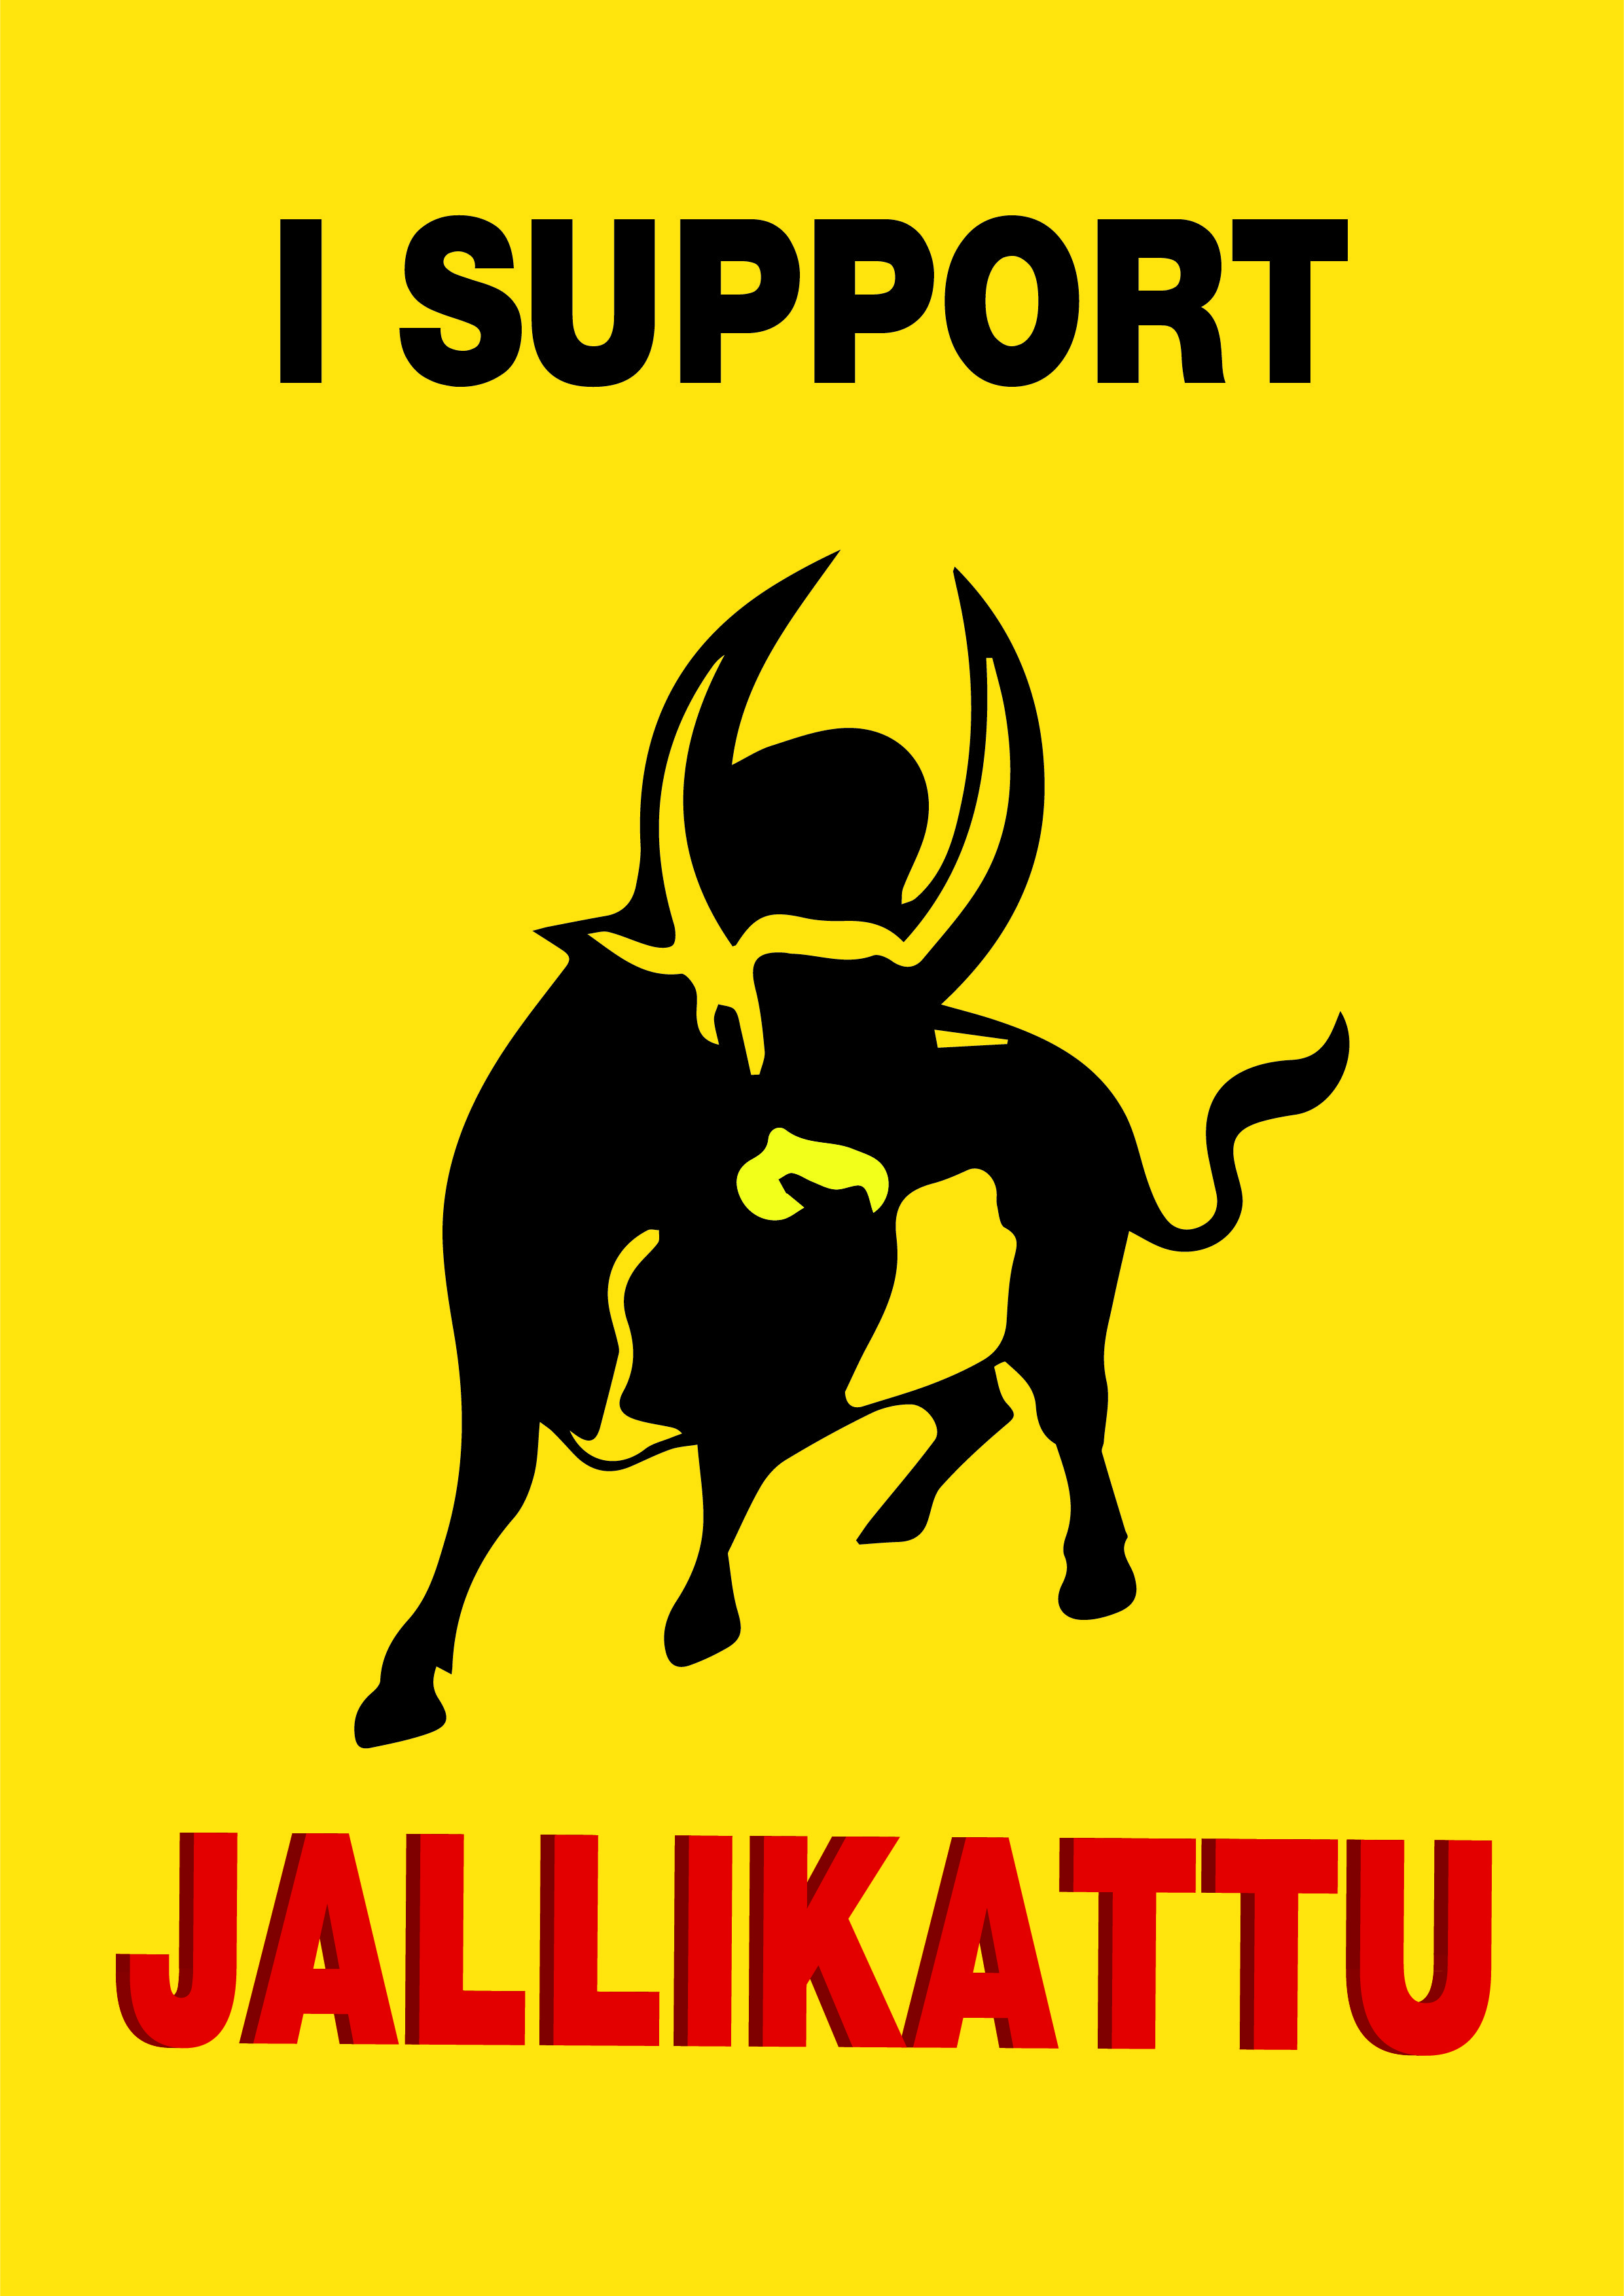 Jallikattu 07 ferrari logo adobe photoshop ferrari sign